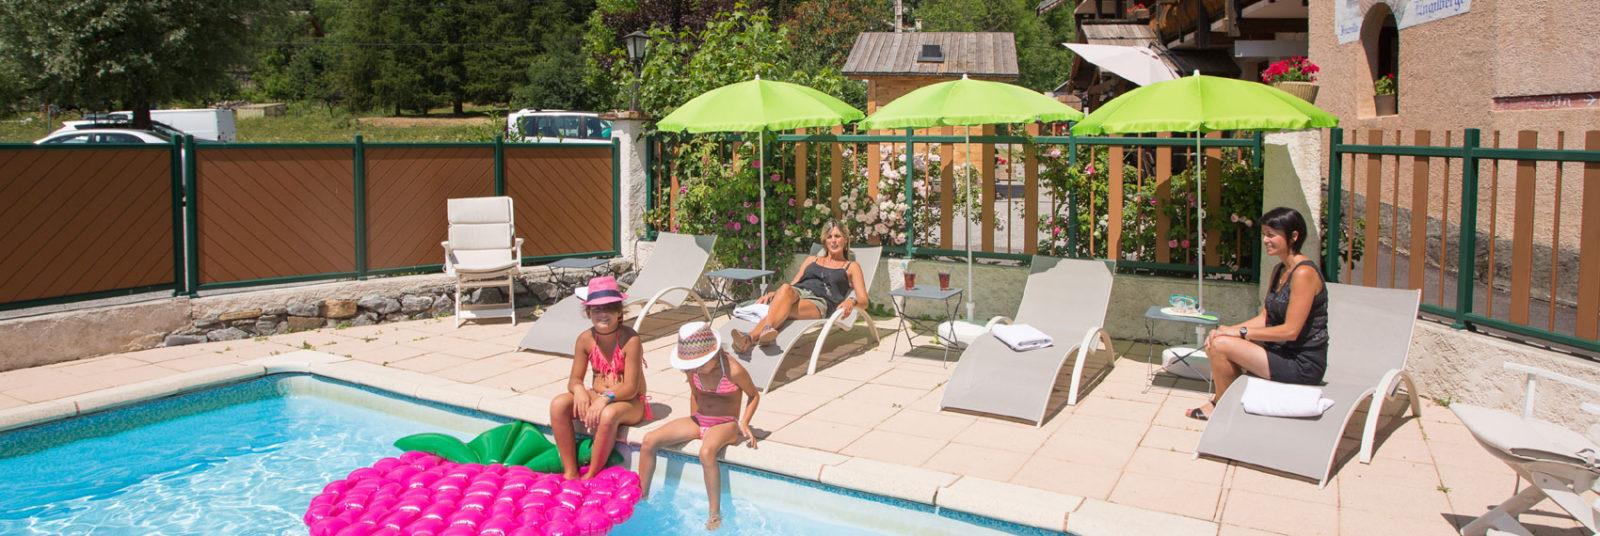 Hotel familiale à Puy St Vincent